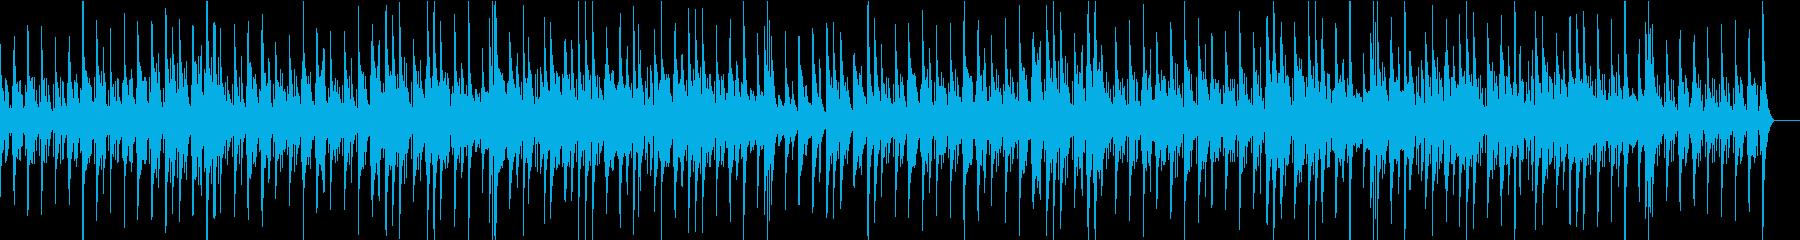 ラテン風の伸びやかなジャズの再生済みの波形